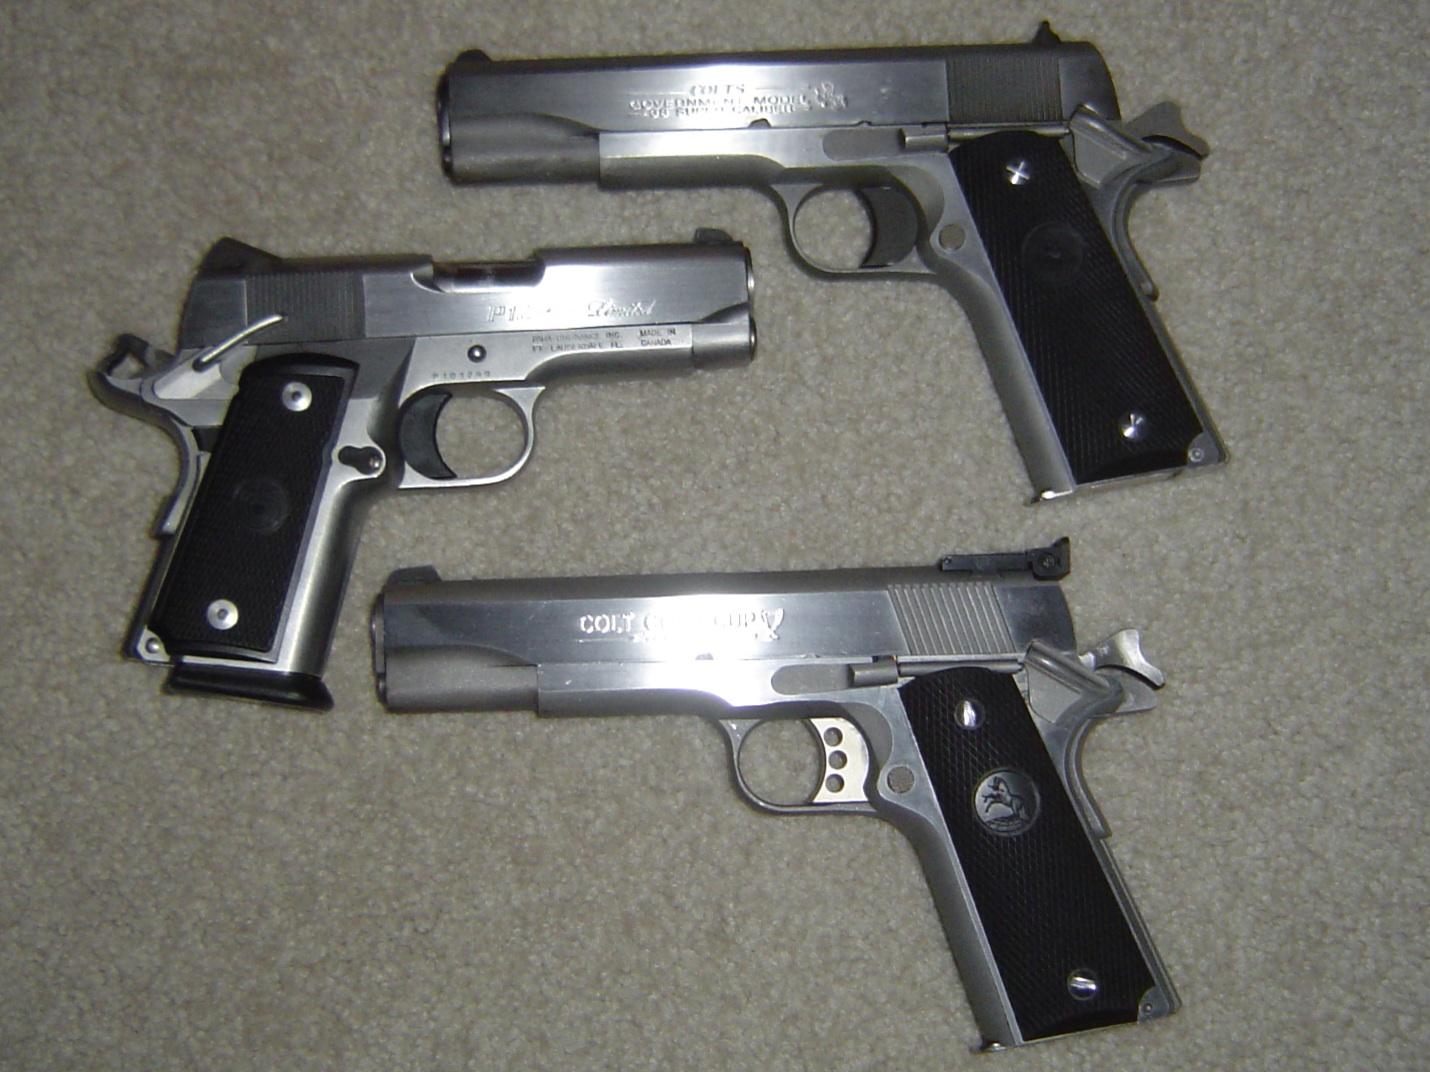 My three Stainless 1911's.-3-1911s.jpg